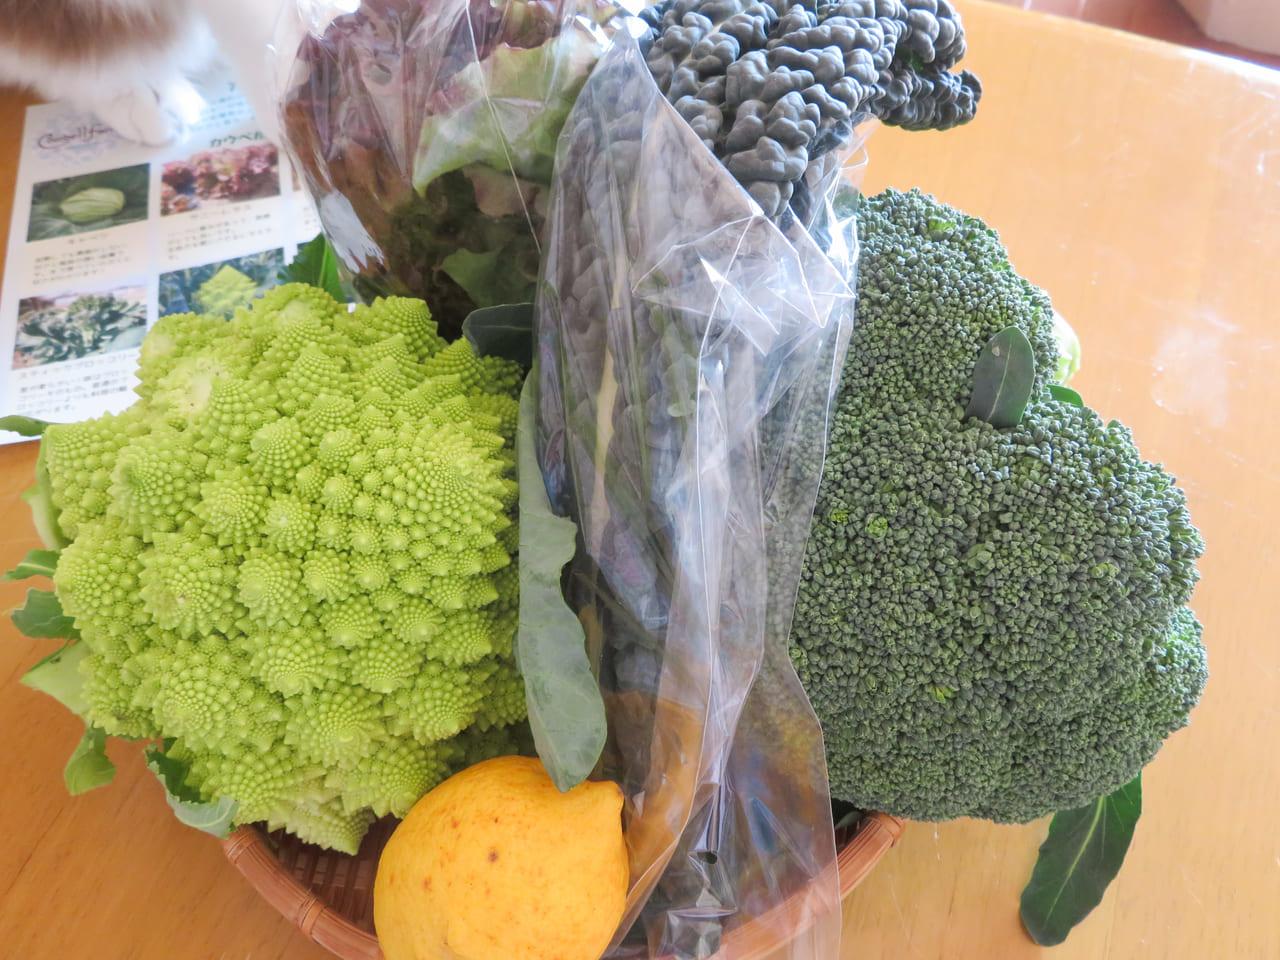 300袋完売!コロナ禍で行き場を失ったレストラン用に栽培されていた有機・無農薬野菜の詰め合わせを販売する「大磯下町野菜マルシェ」が開催されました。